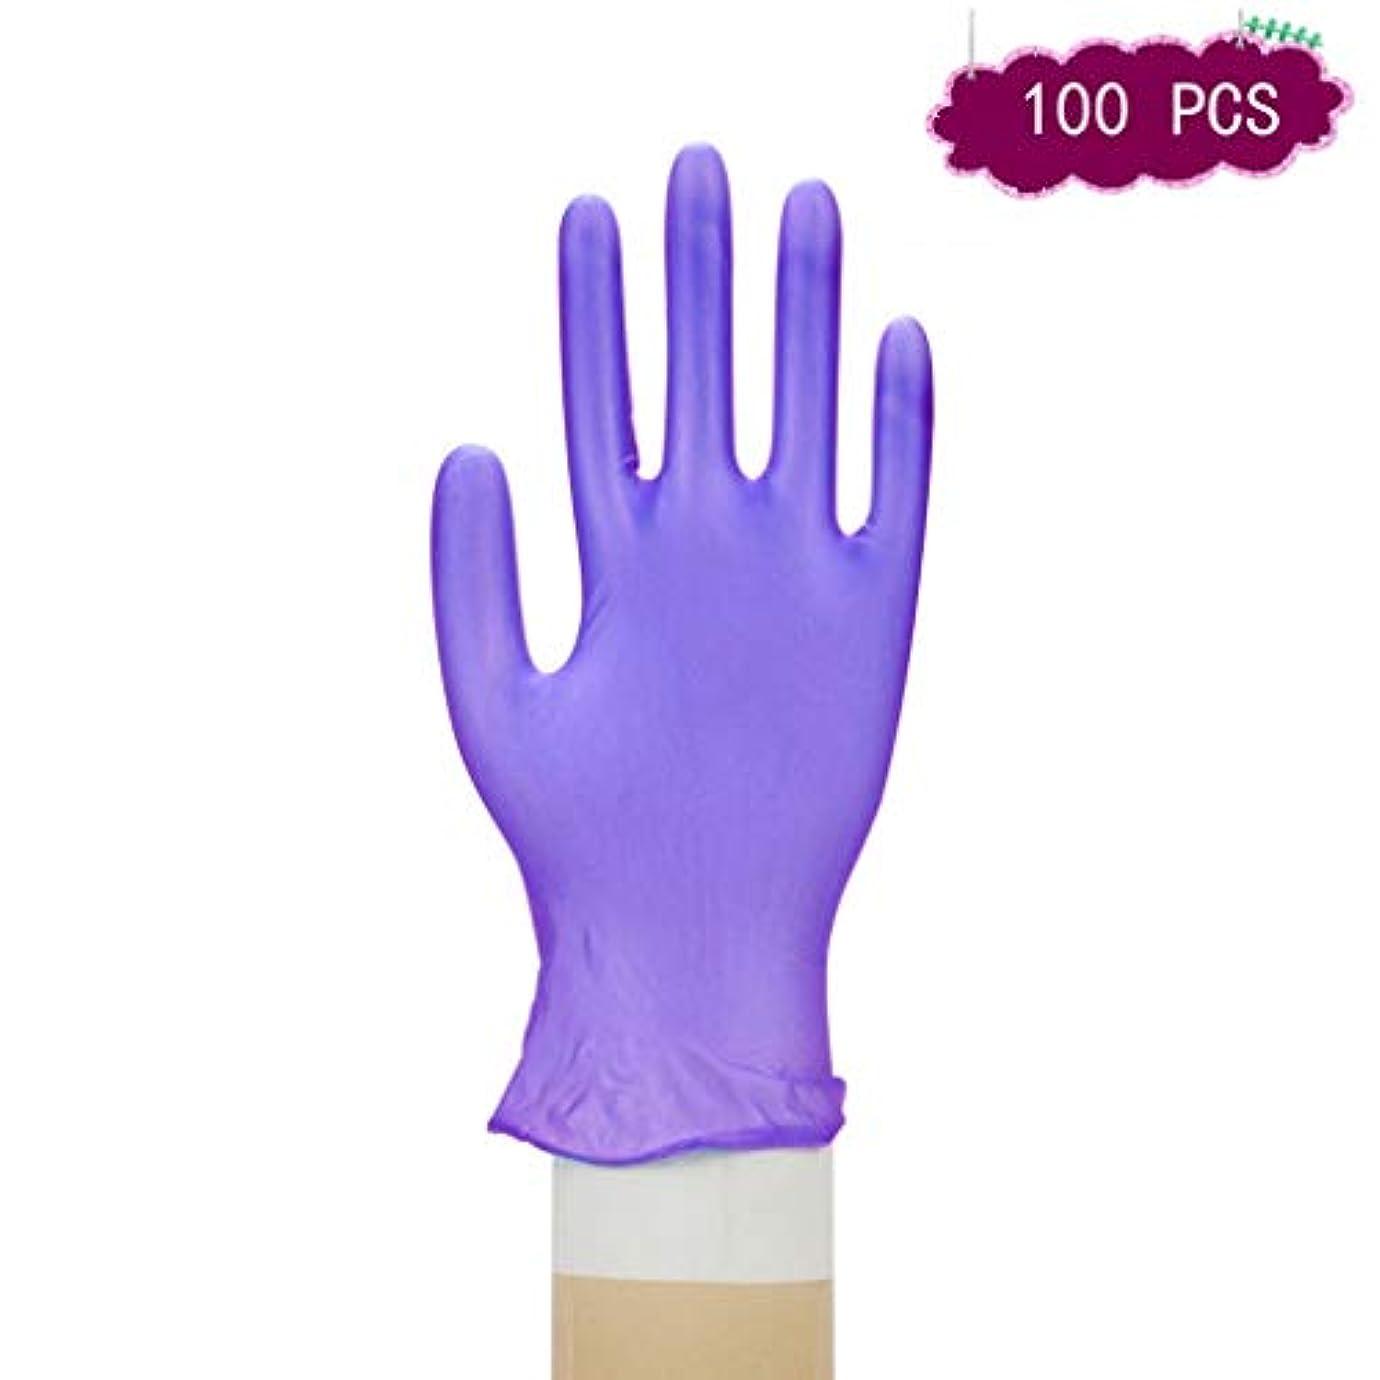 有効な定義する策定する使い捨てラテックス手袋パープル静電気防止手袋は、無菌ラバータトゥーのためにネイルサロンをチェック (Color : 9 inch, Size : M)